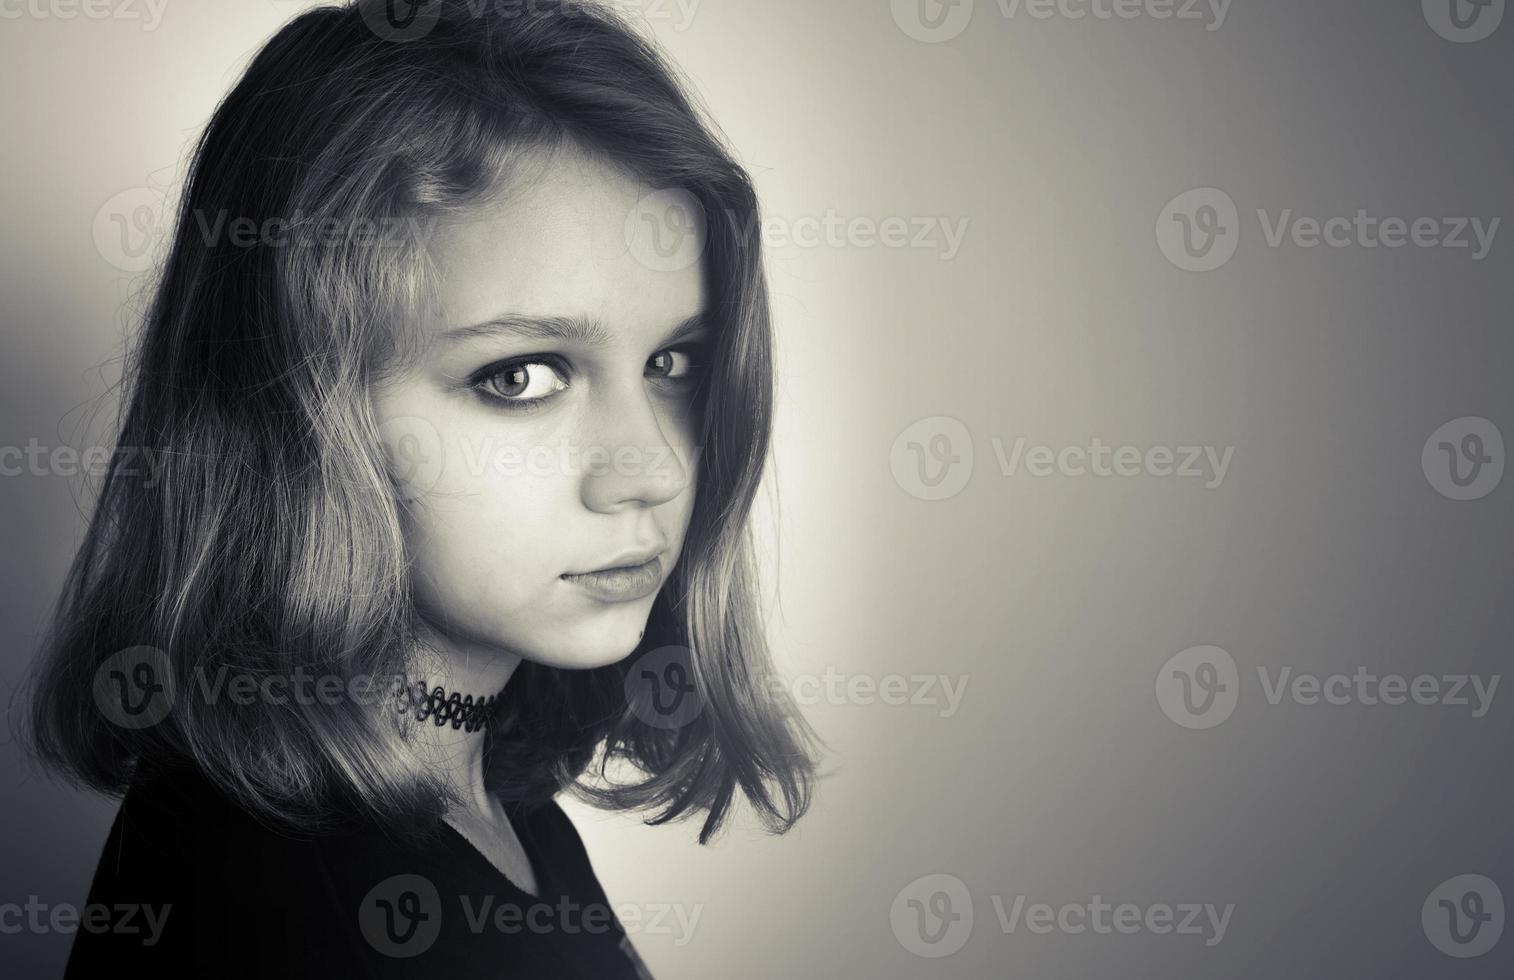 schönes kaukasisches blondes Teenager-Mädchen in Schwarz foto